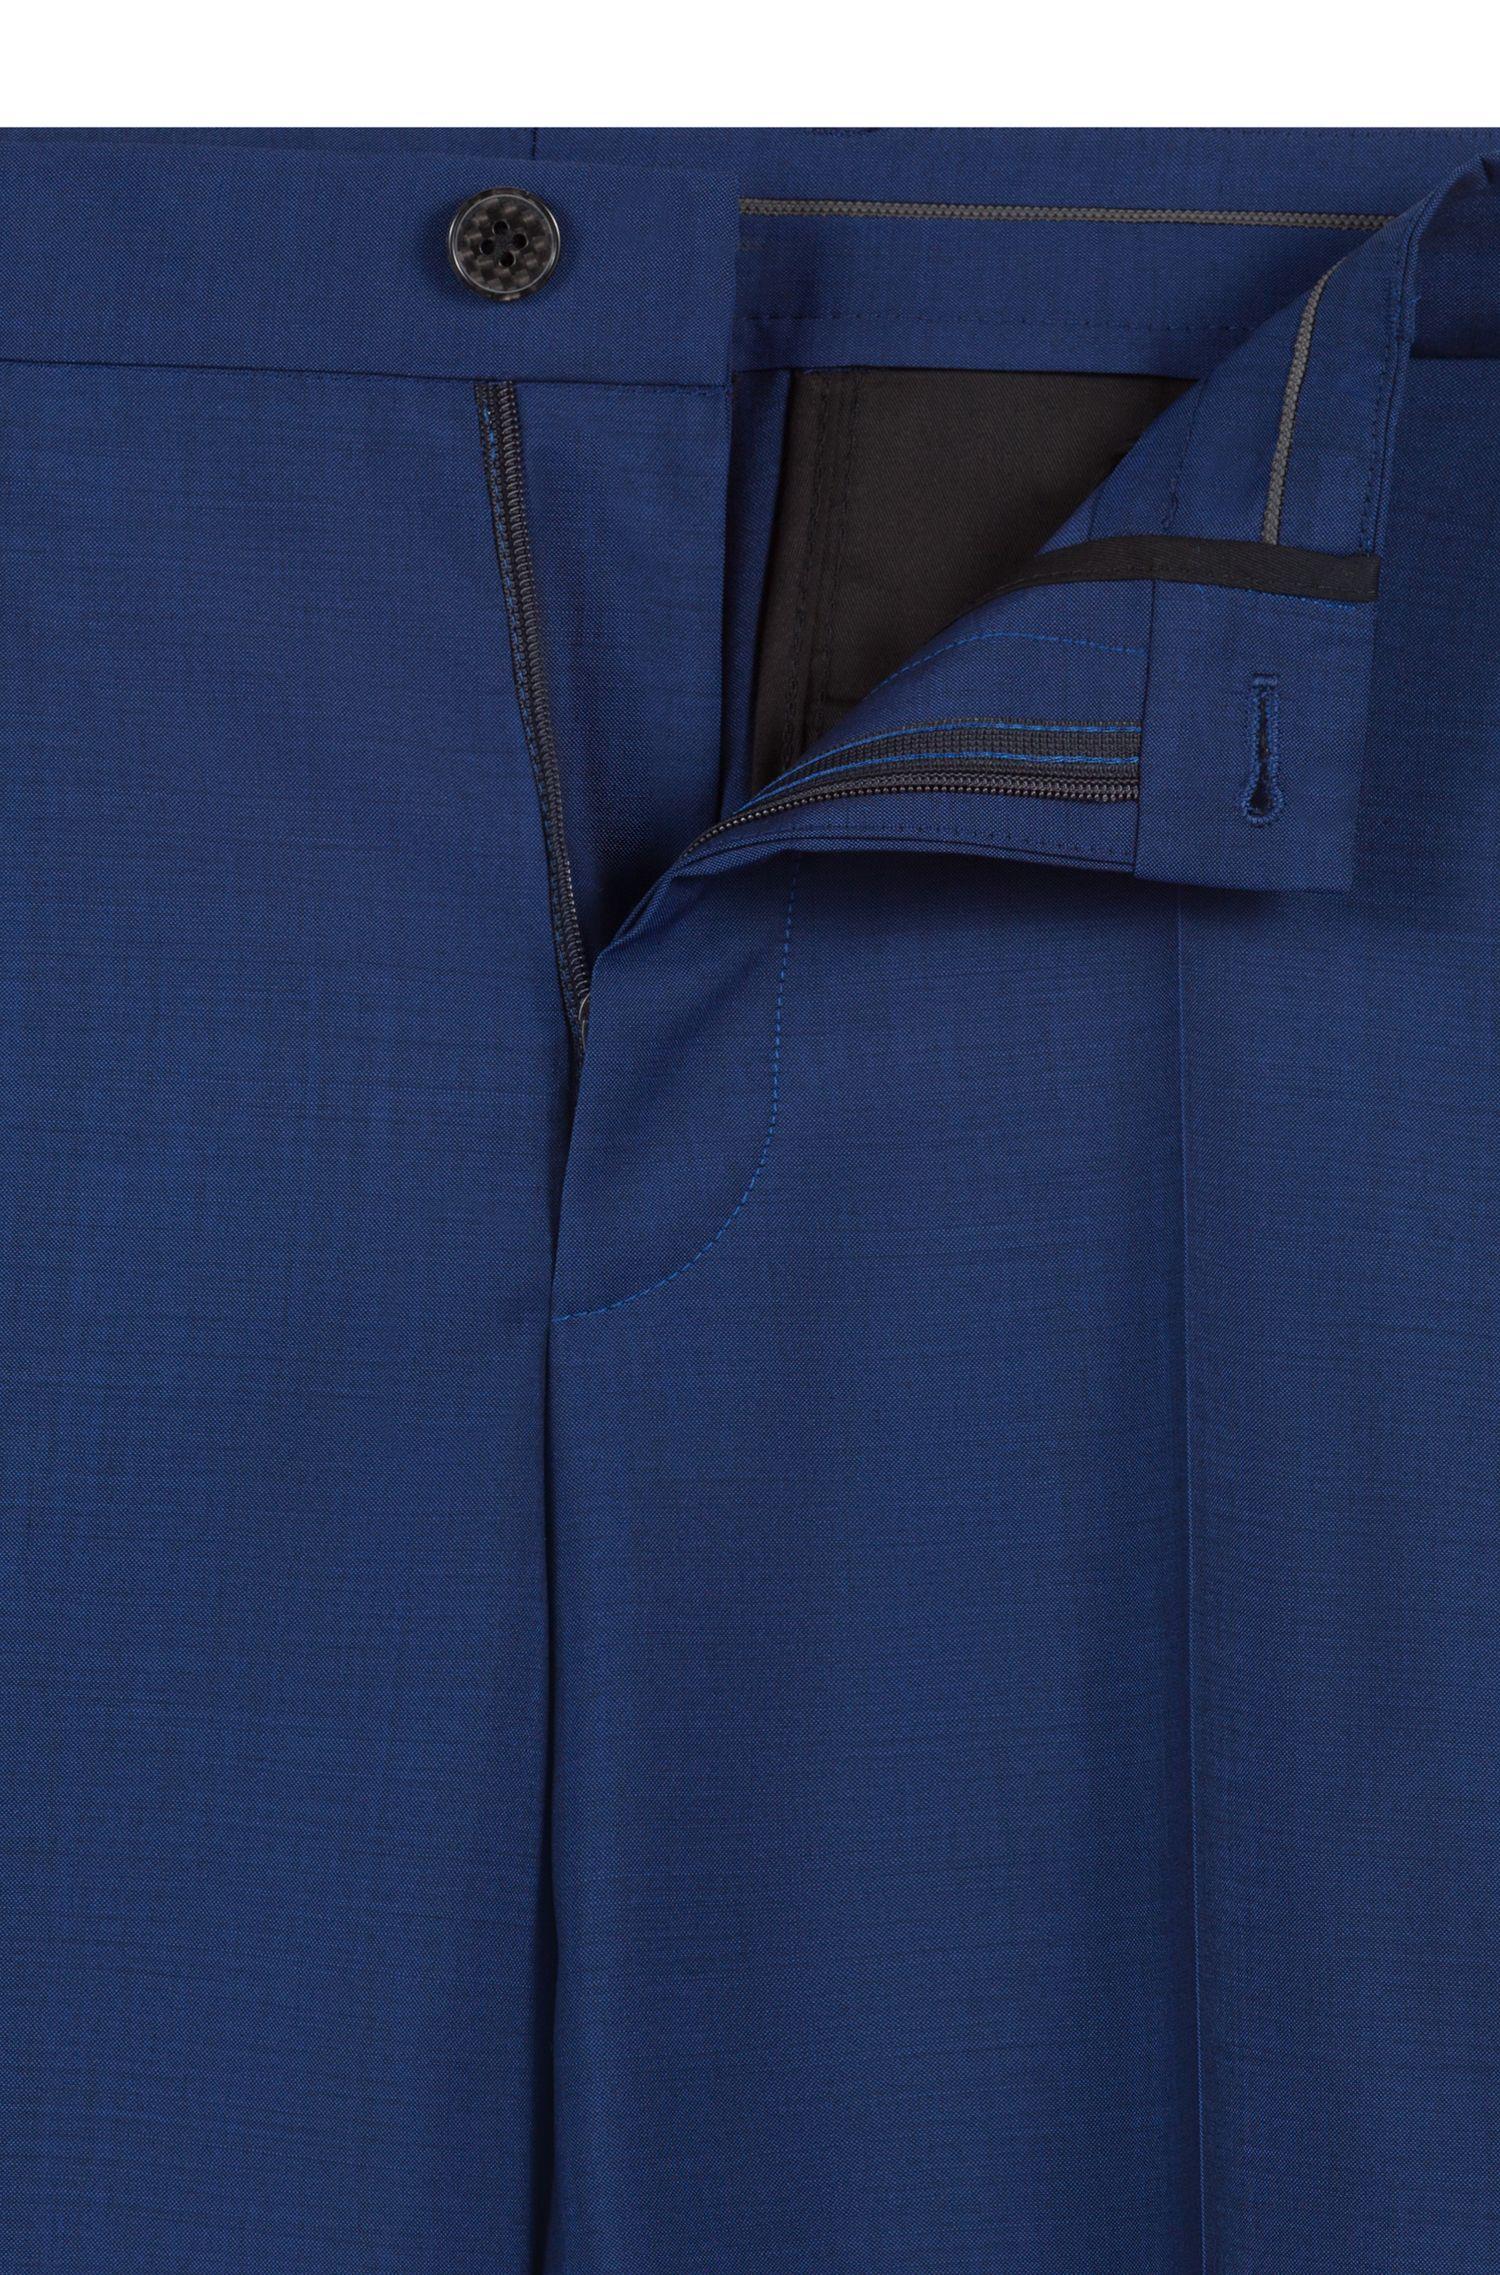 Pantalon Extra Slim Fit en laine italienne mélangée, Bleu